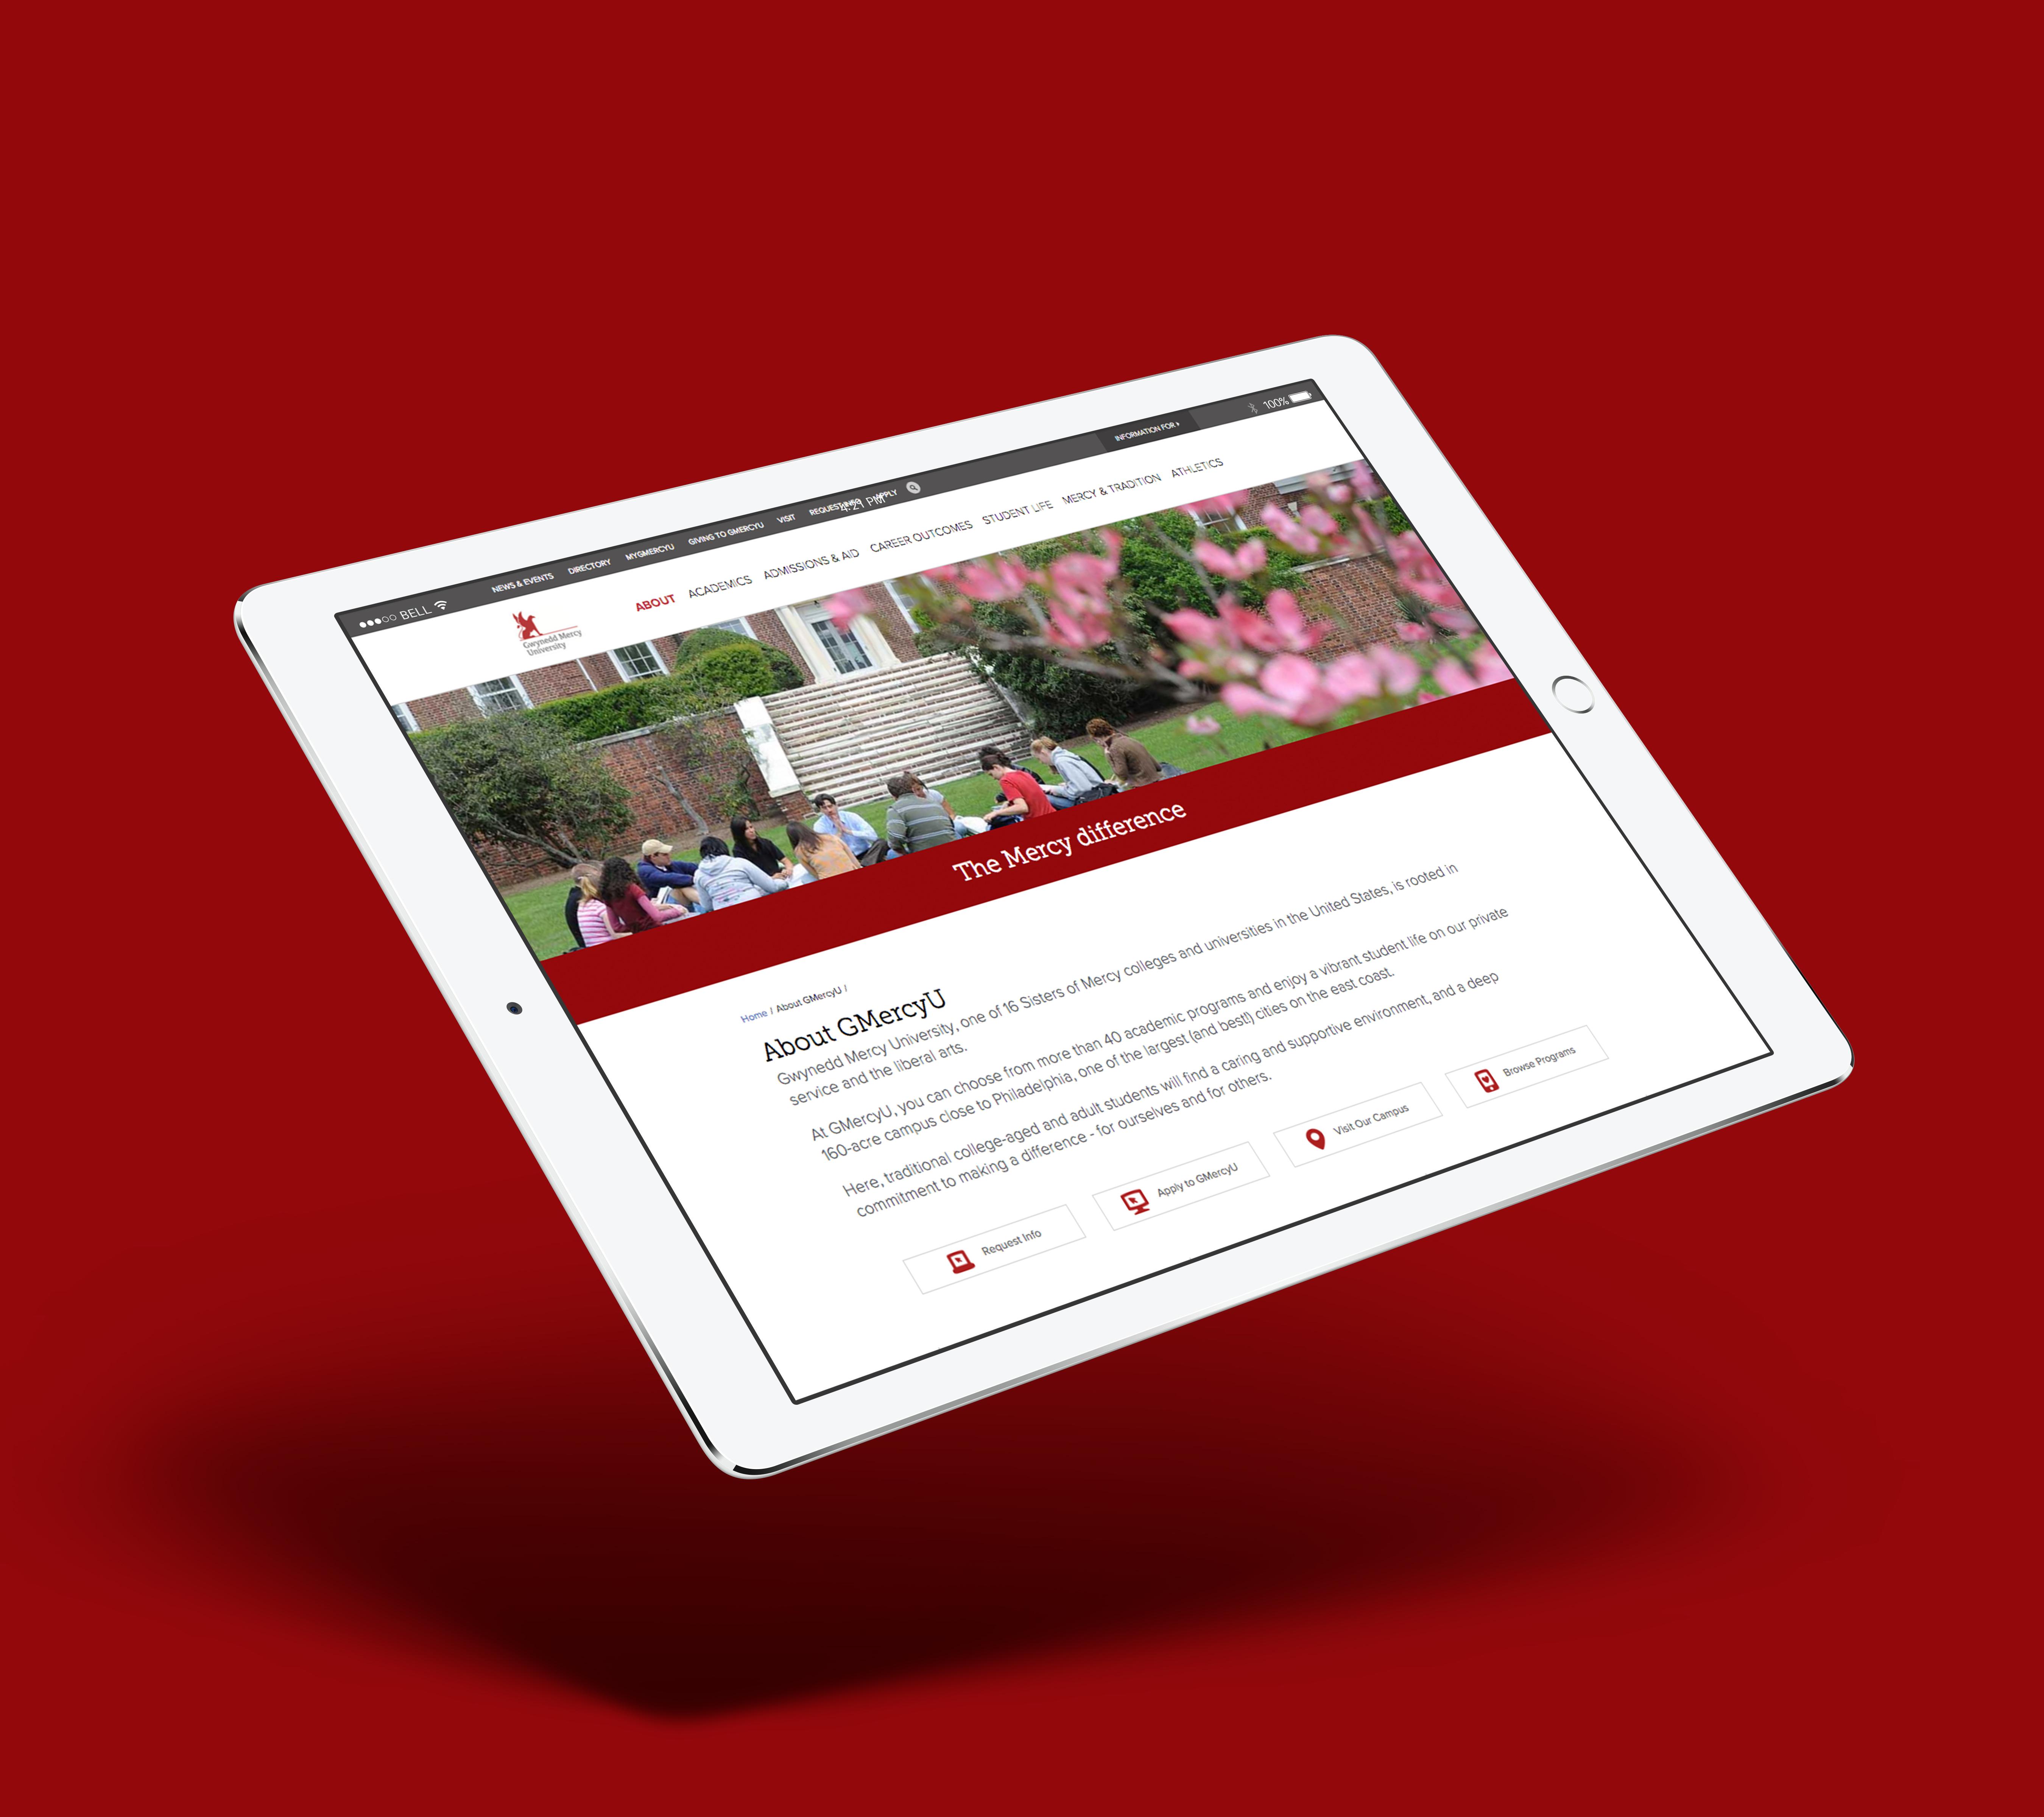 GMU-iPad-red